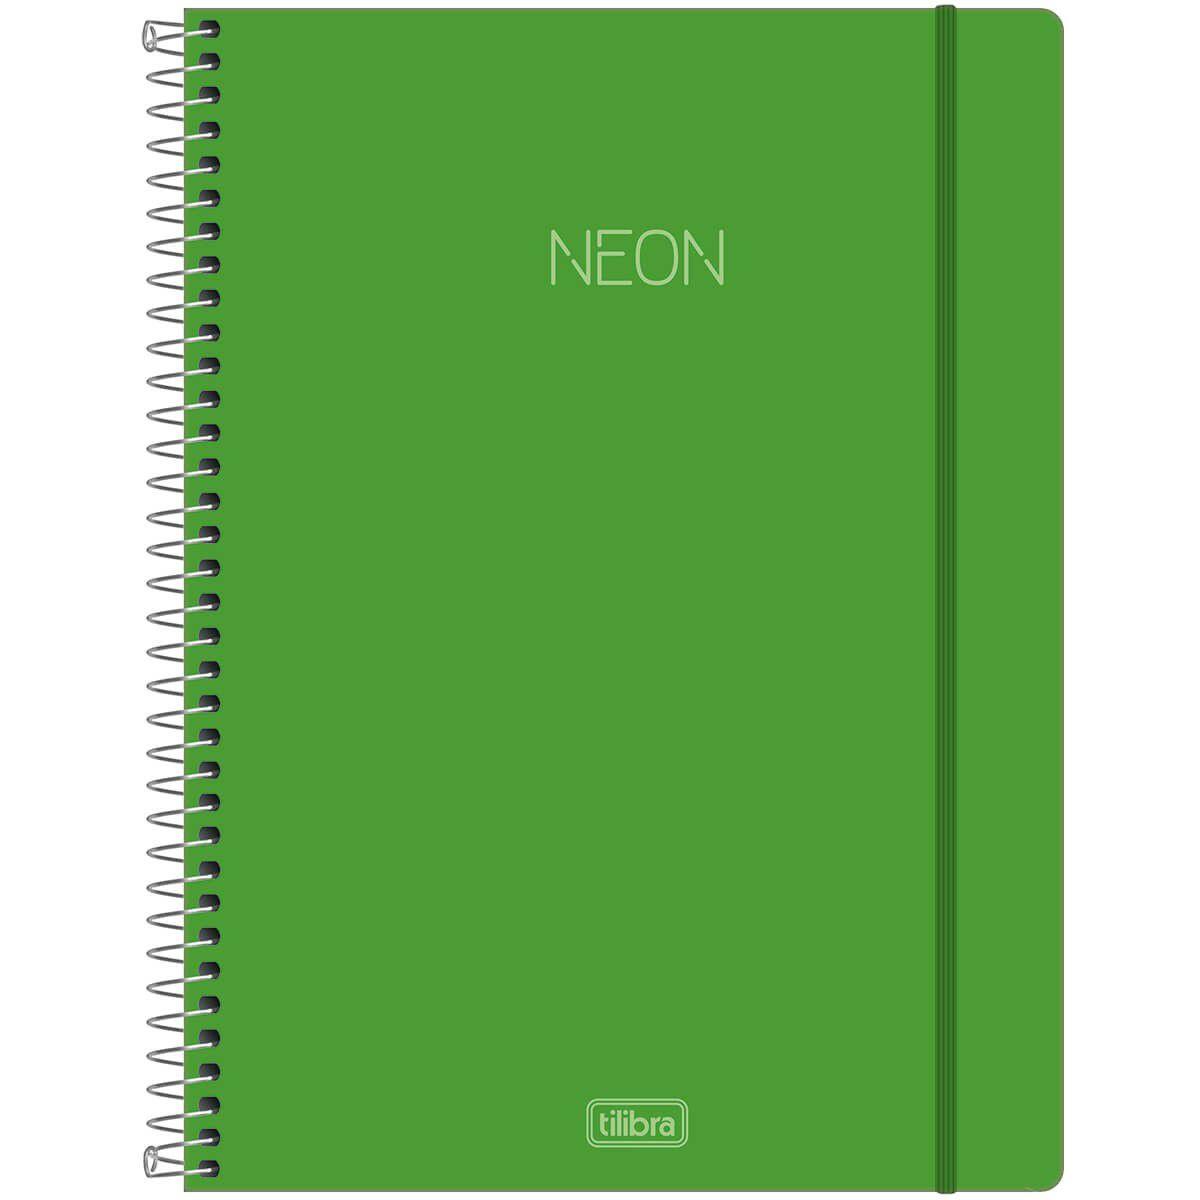 Caderno universitário 1 matéria 80 fls Neon verde Tilibra